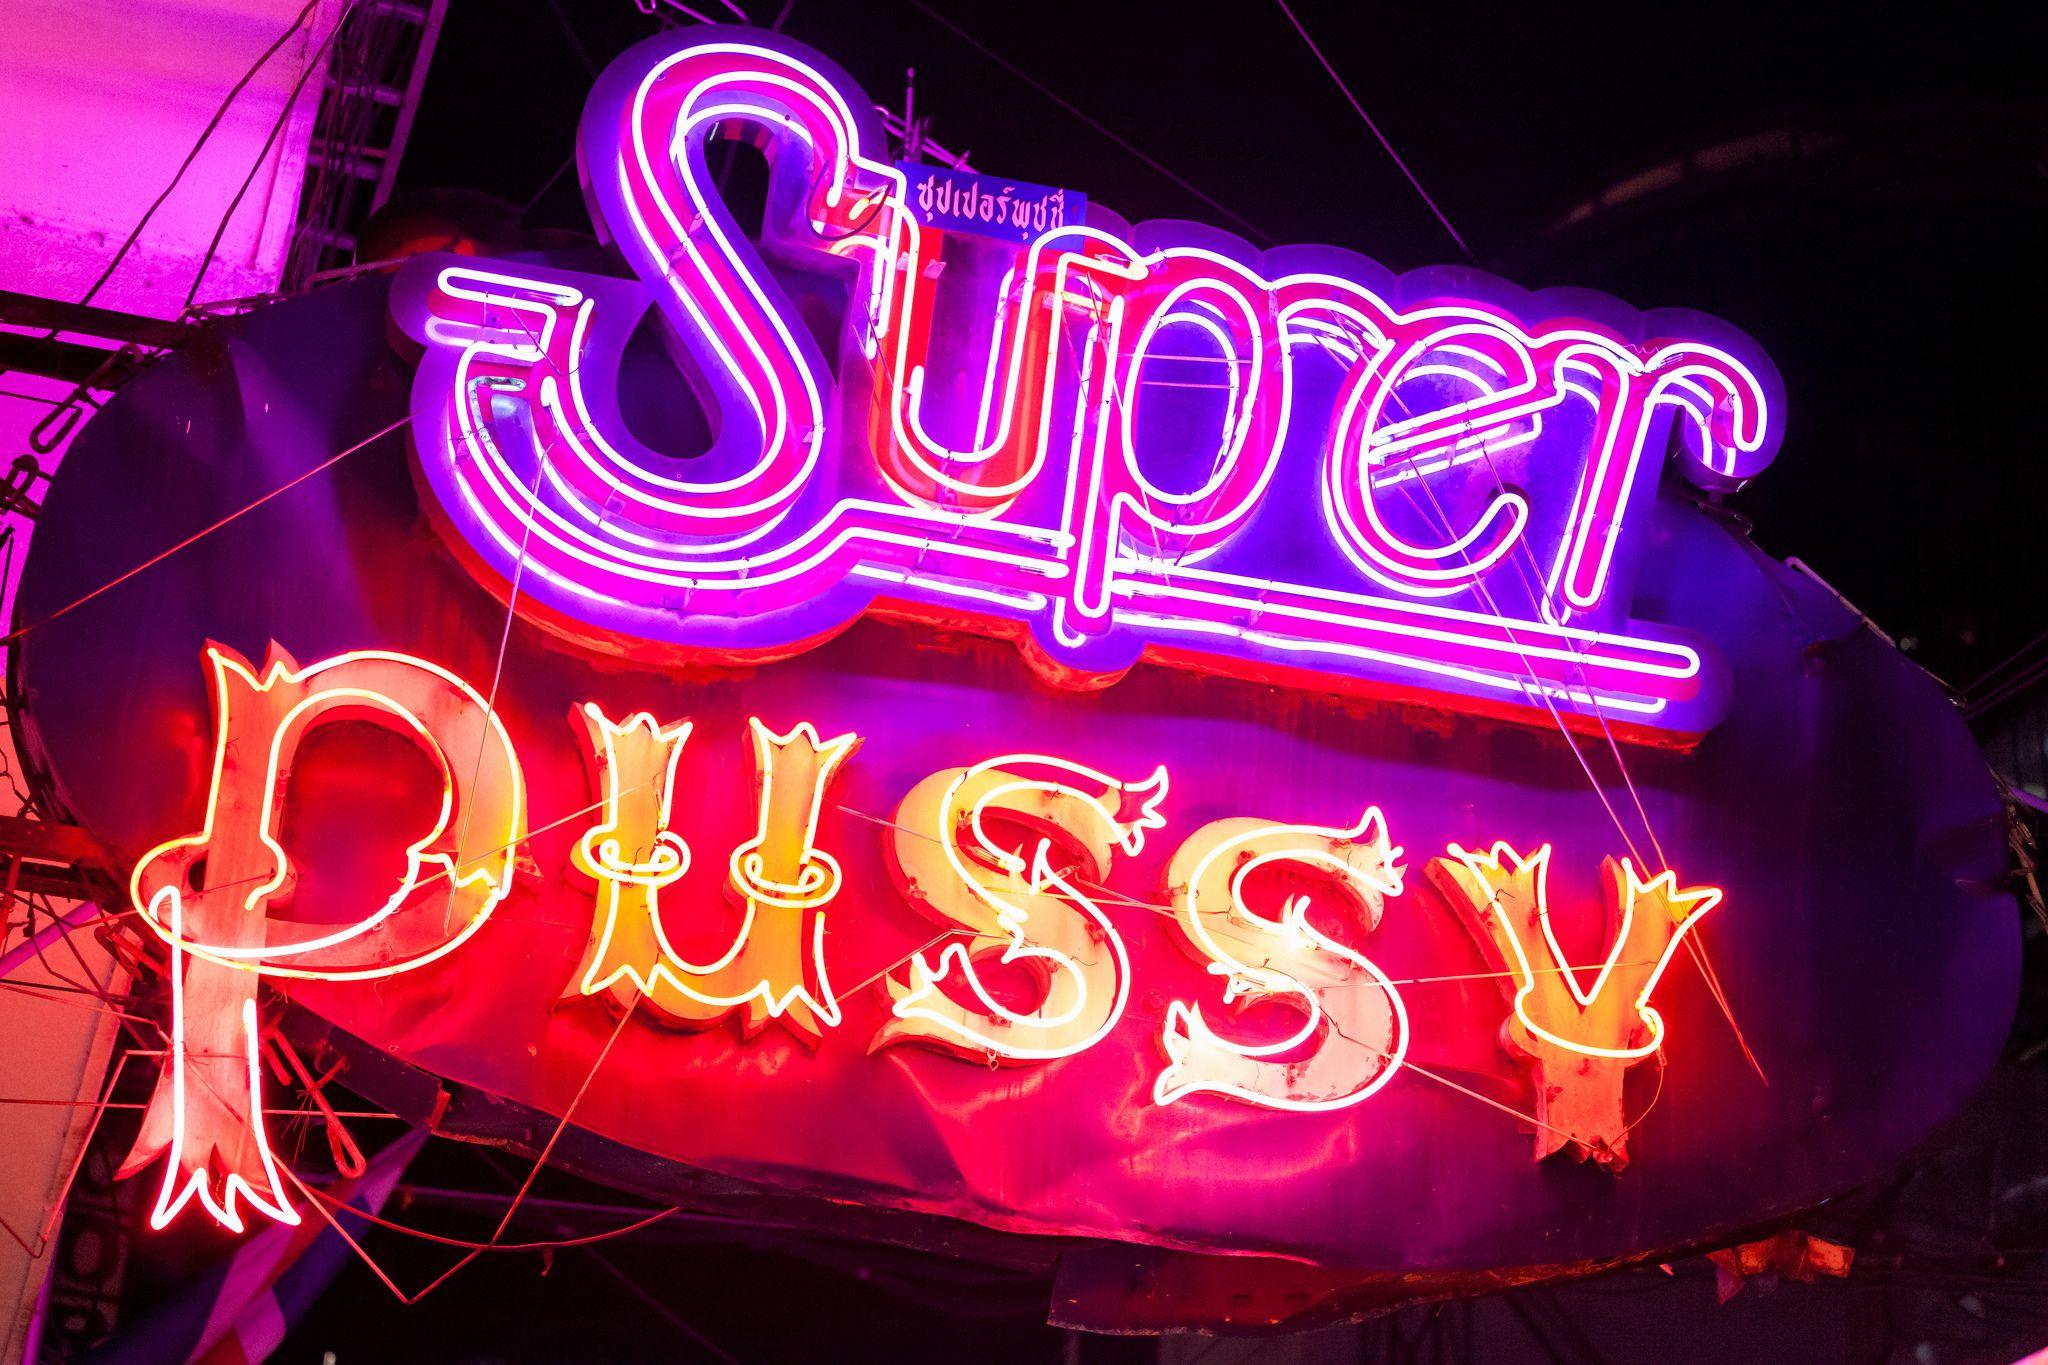 super pussy neon | bangkok thailand, travel photography and bangkok